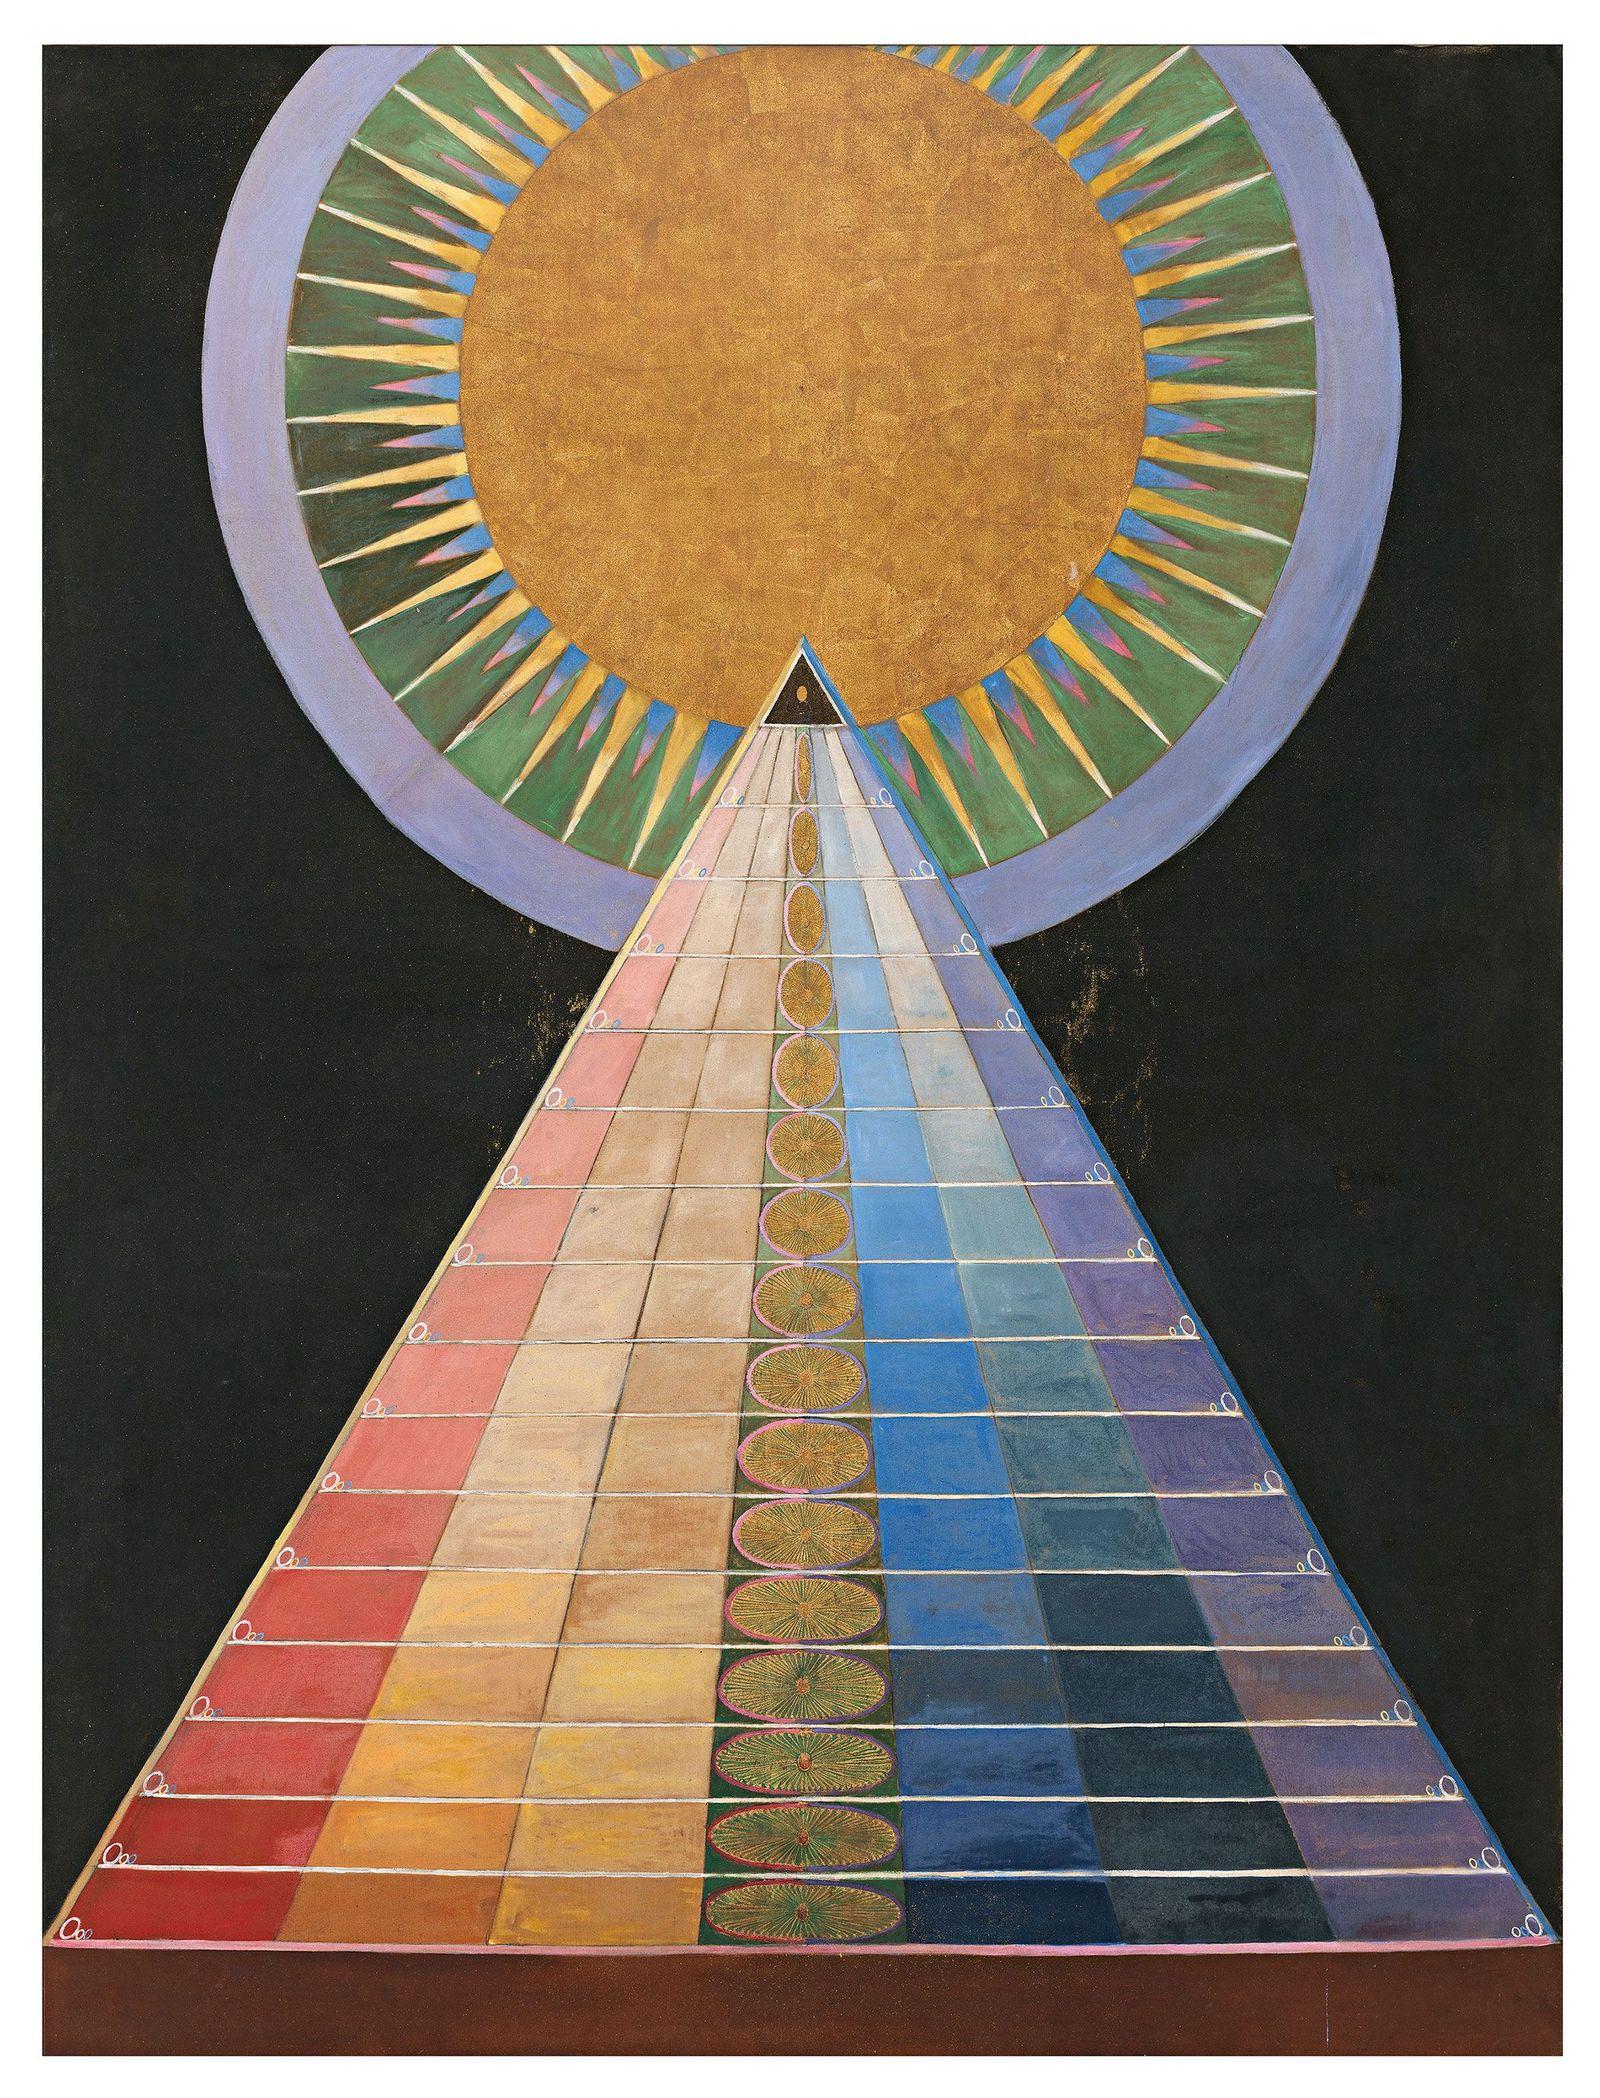 Painting Alter Number 1 by Hilma Af Klimt